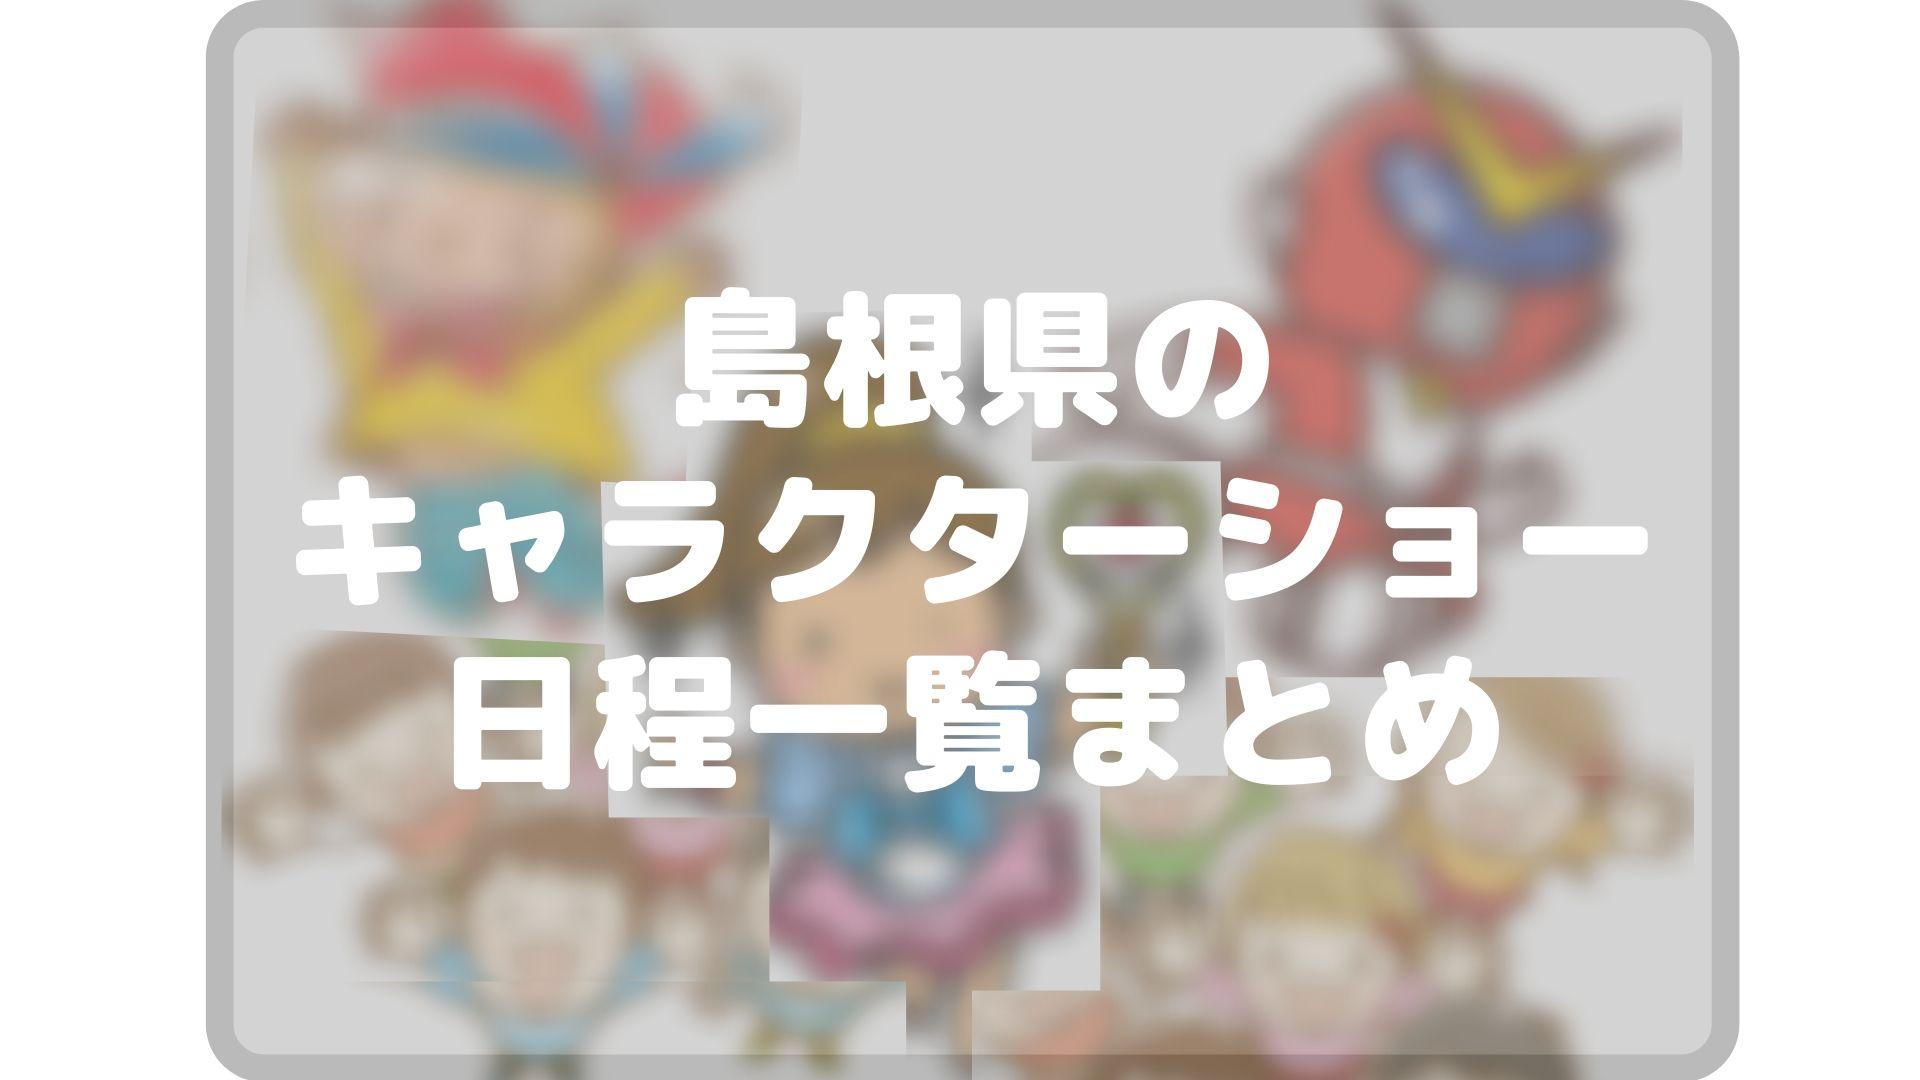 島根県のキャラクターショーまとめタイトル画像